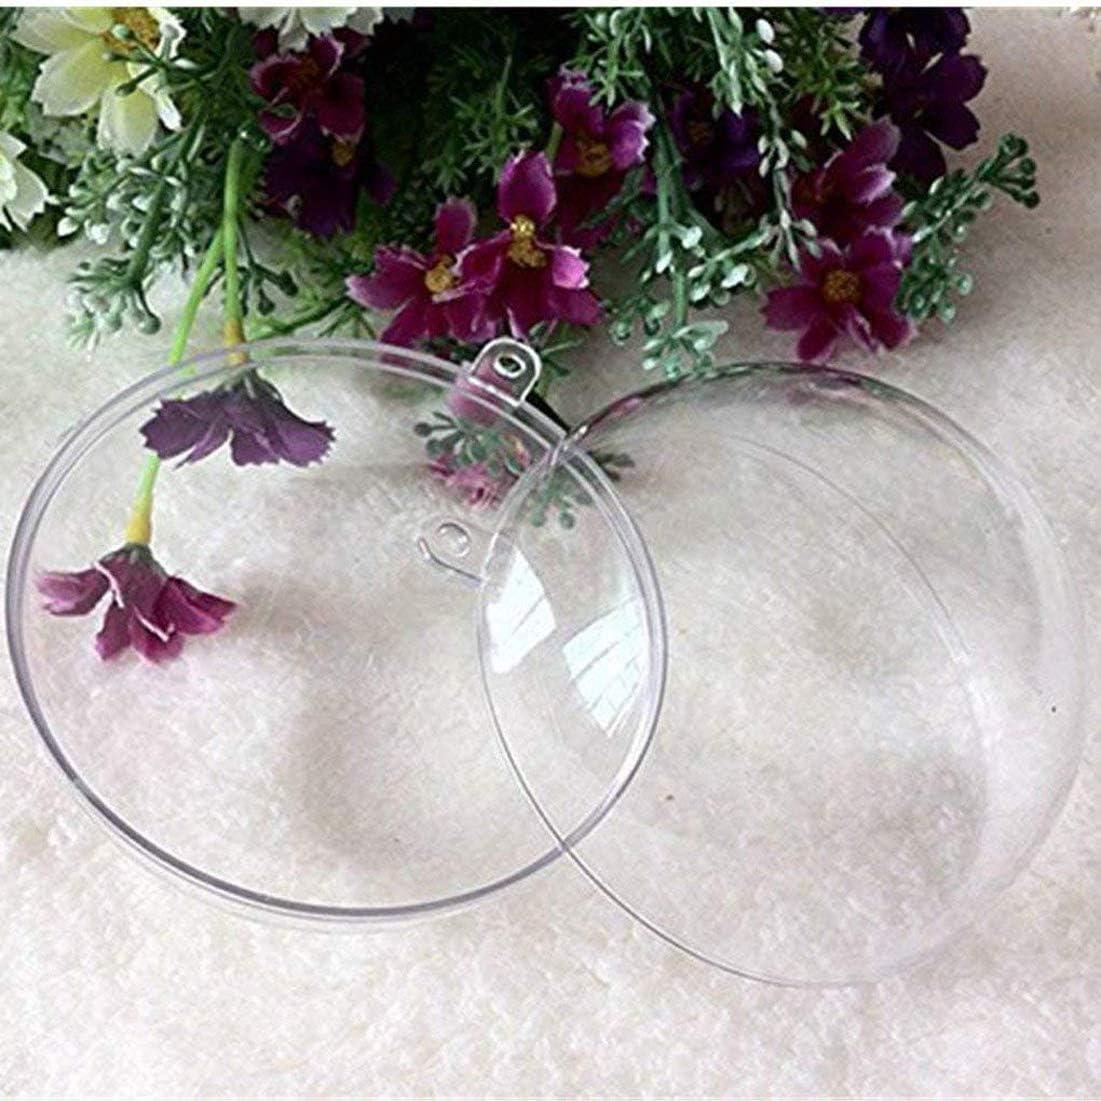 Yeelan Plastique Transparent Acrylique Remplissable Boule Transparente Boule Ornement Boule Sph/ère pour La F/ête De Mariage No/ël D/écor /À La Maison 50mm, Set de 24 Pcs